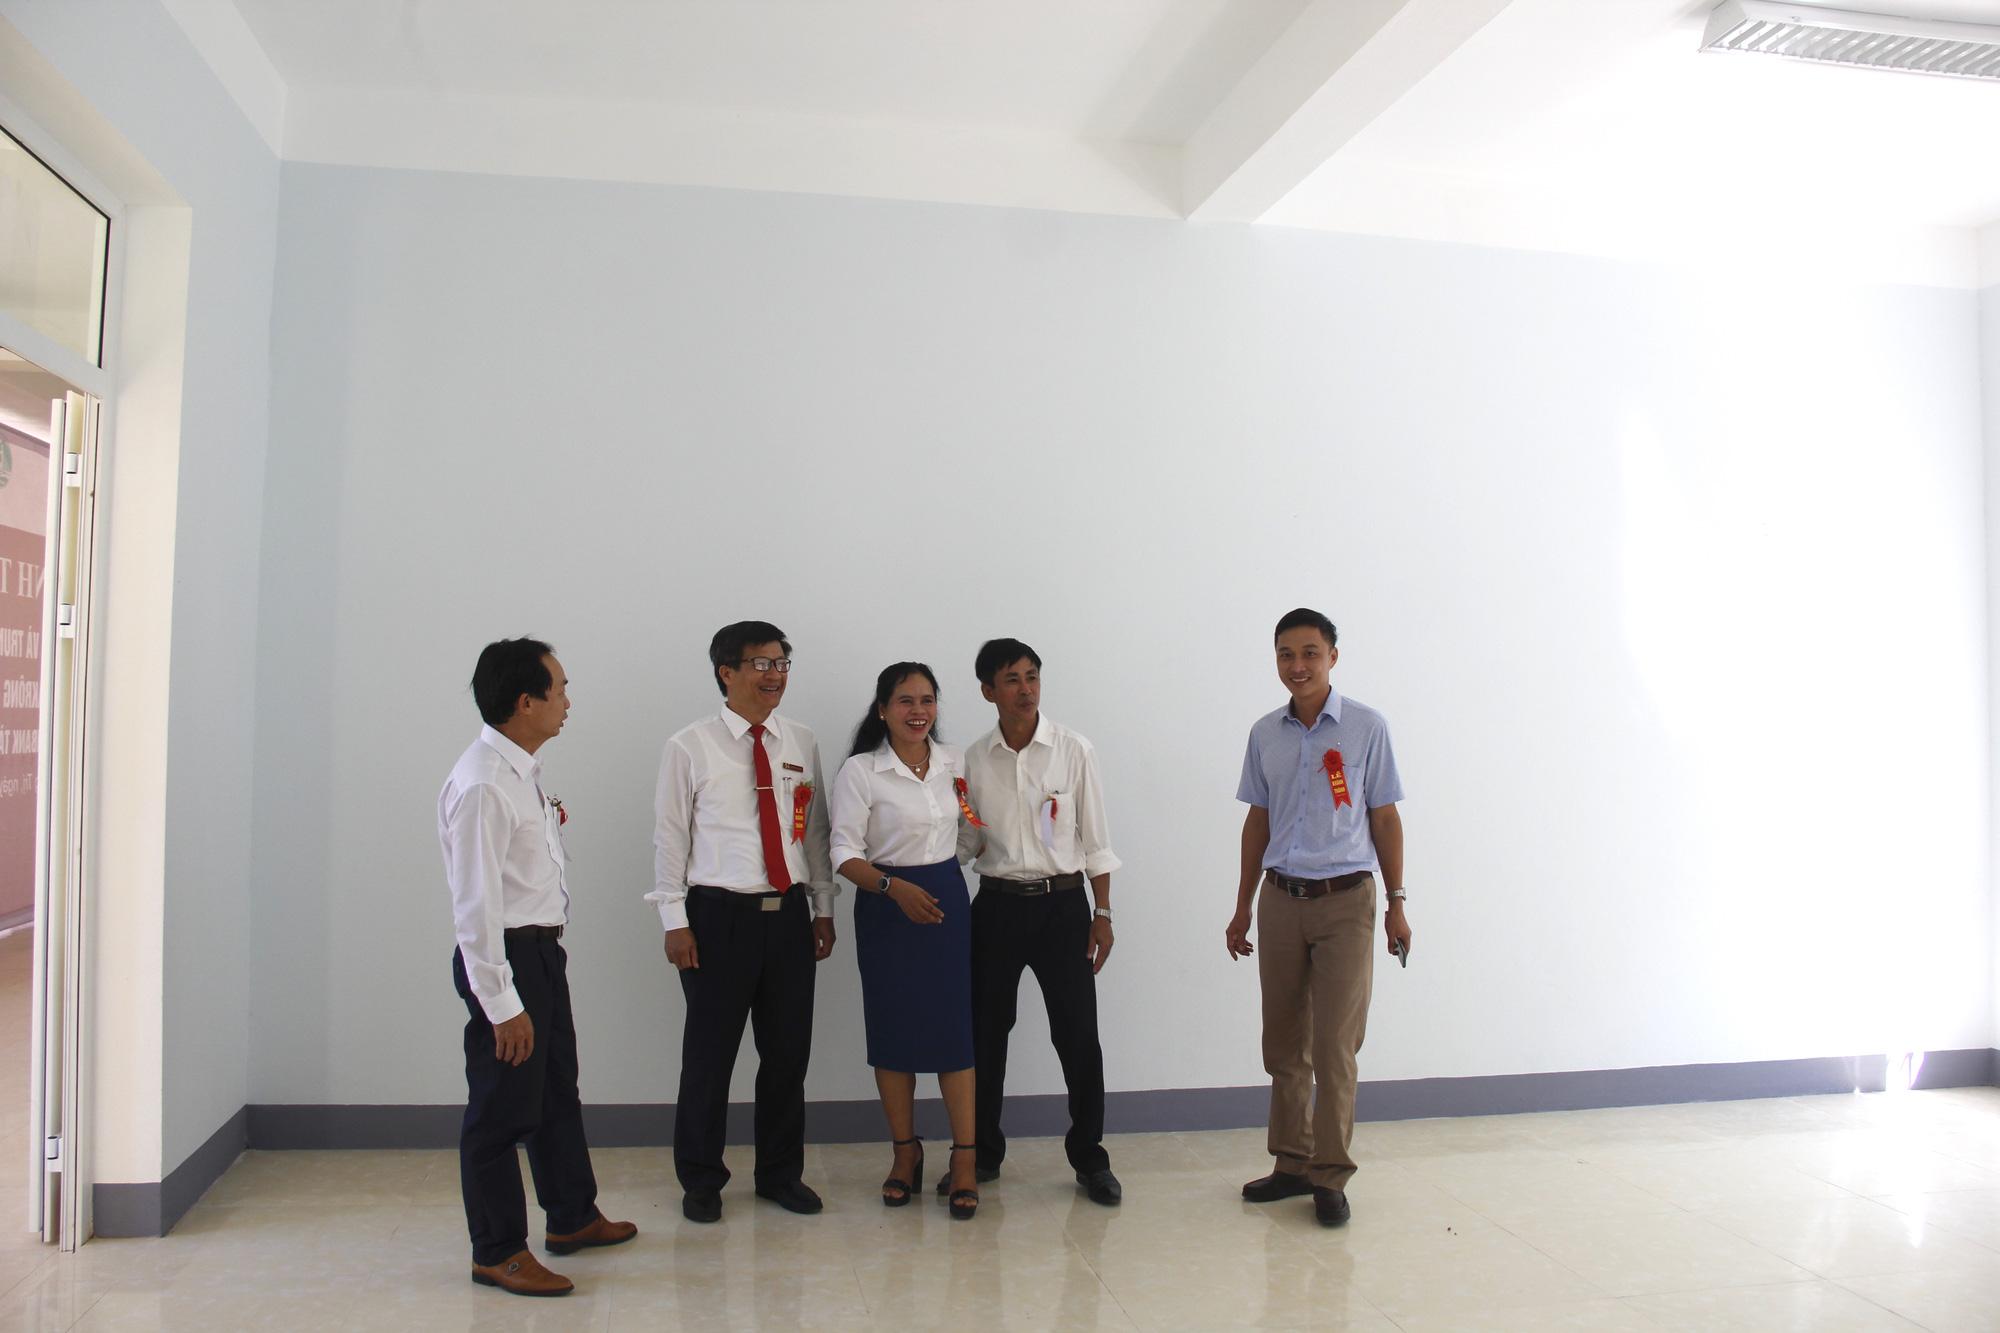 Ngân hàng Agribank xây trường học 5 tỷ đồng ở Quảng Trị - Ảnh 5.